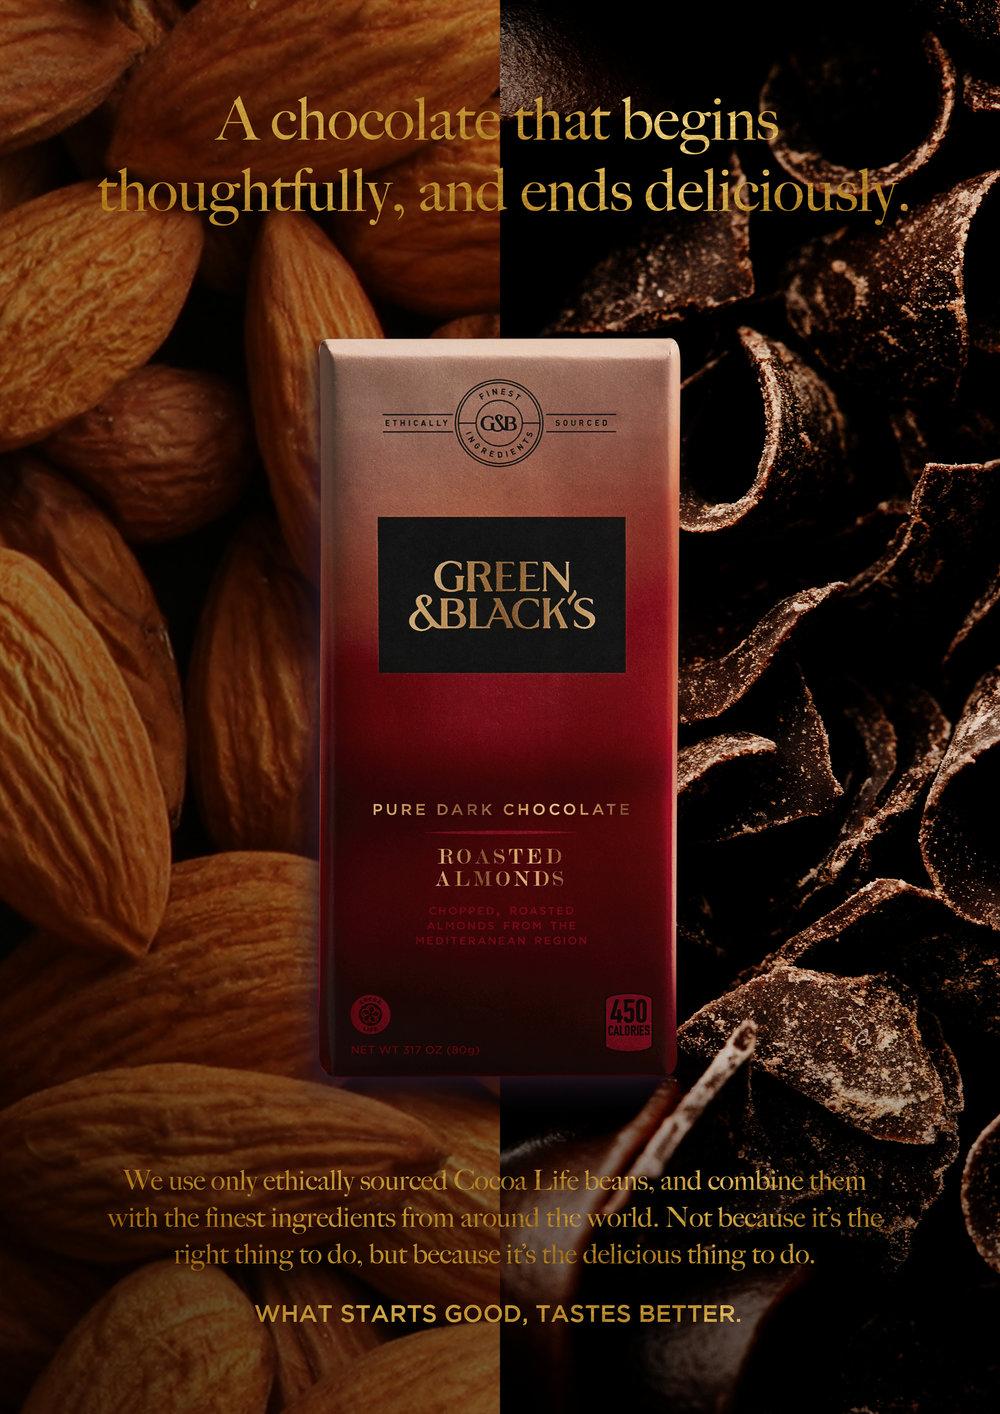 G&B almond.jpg